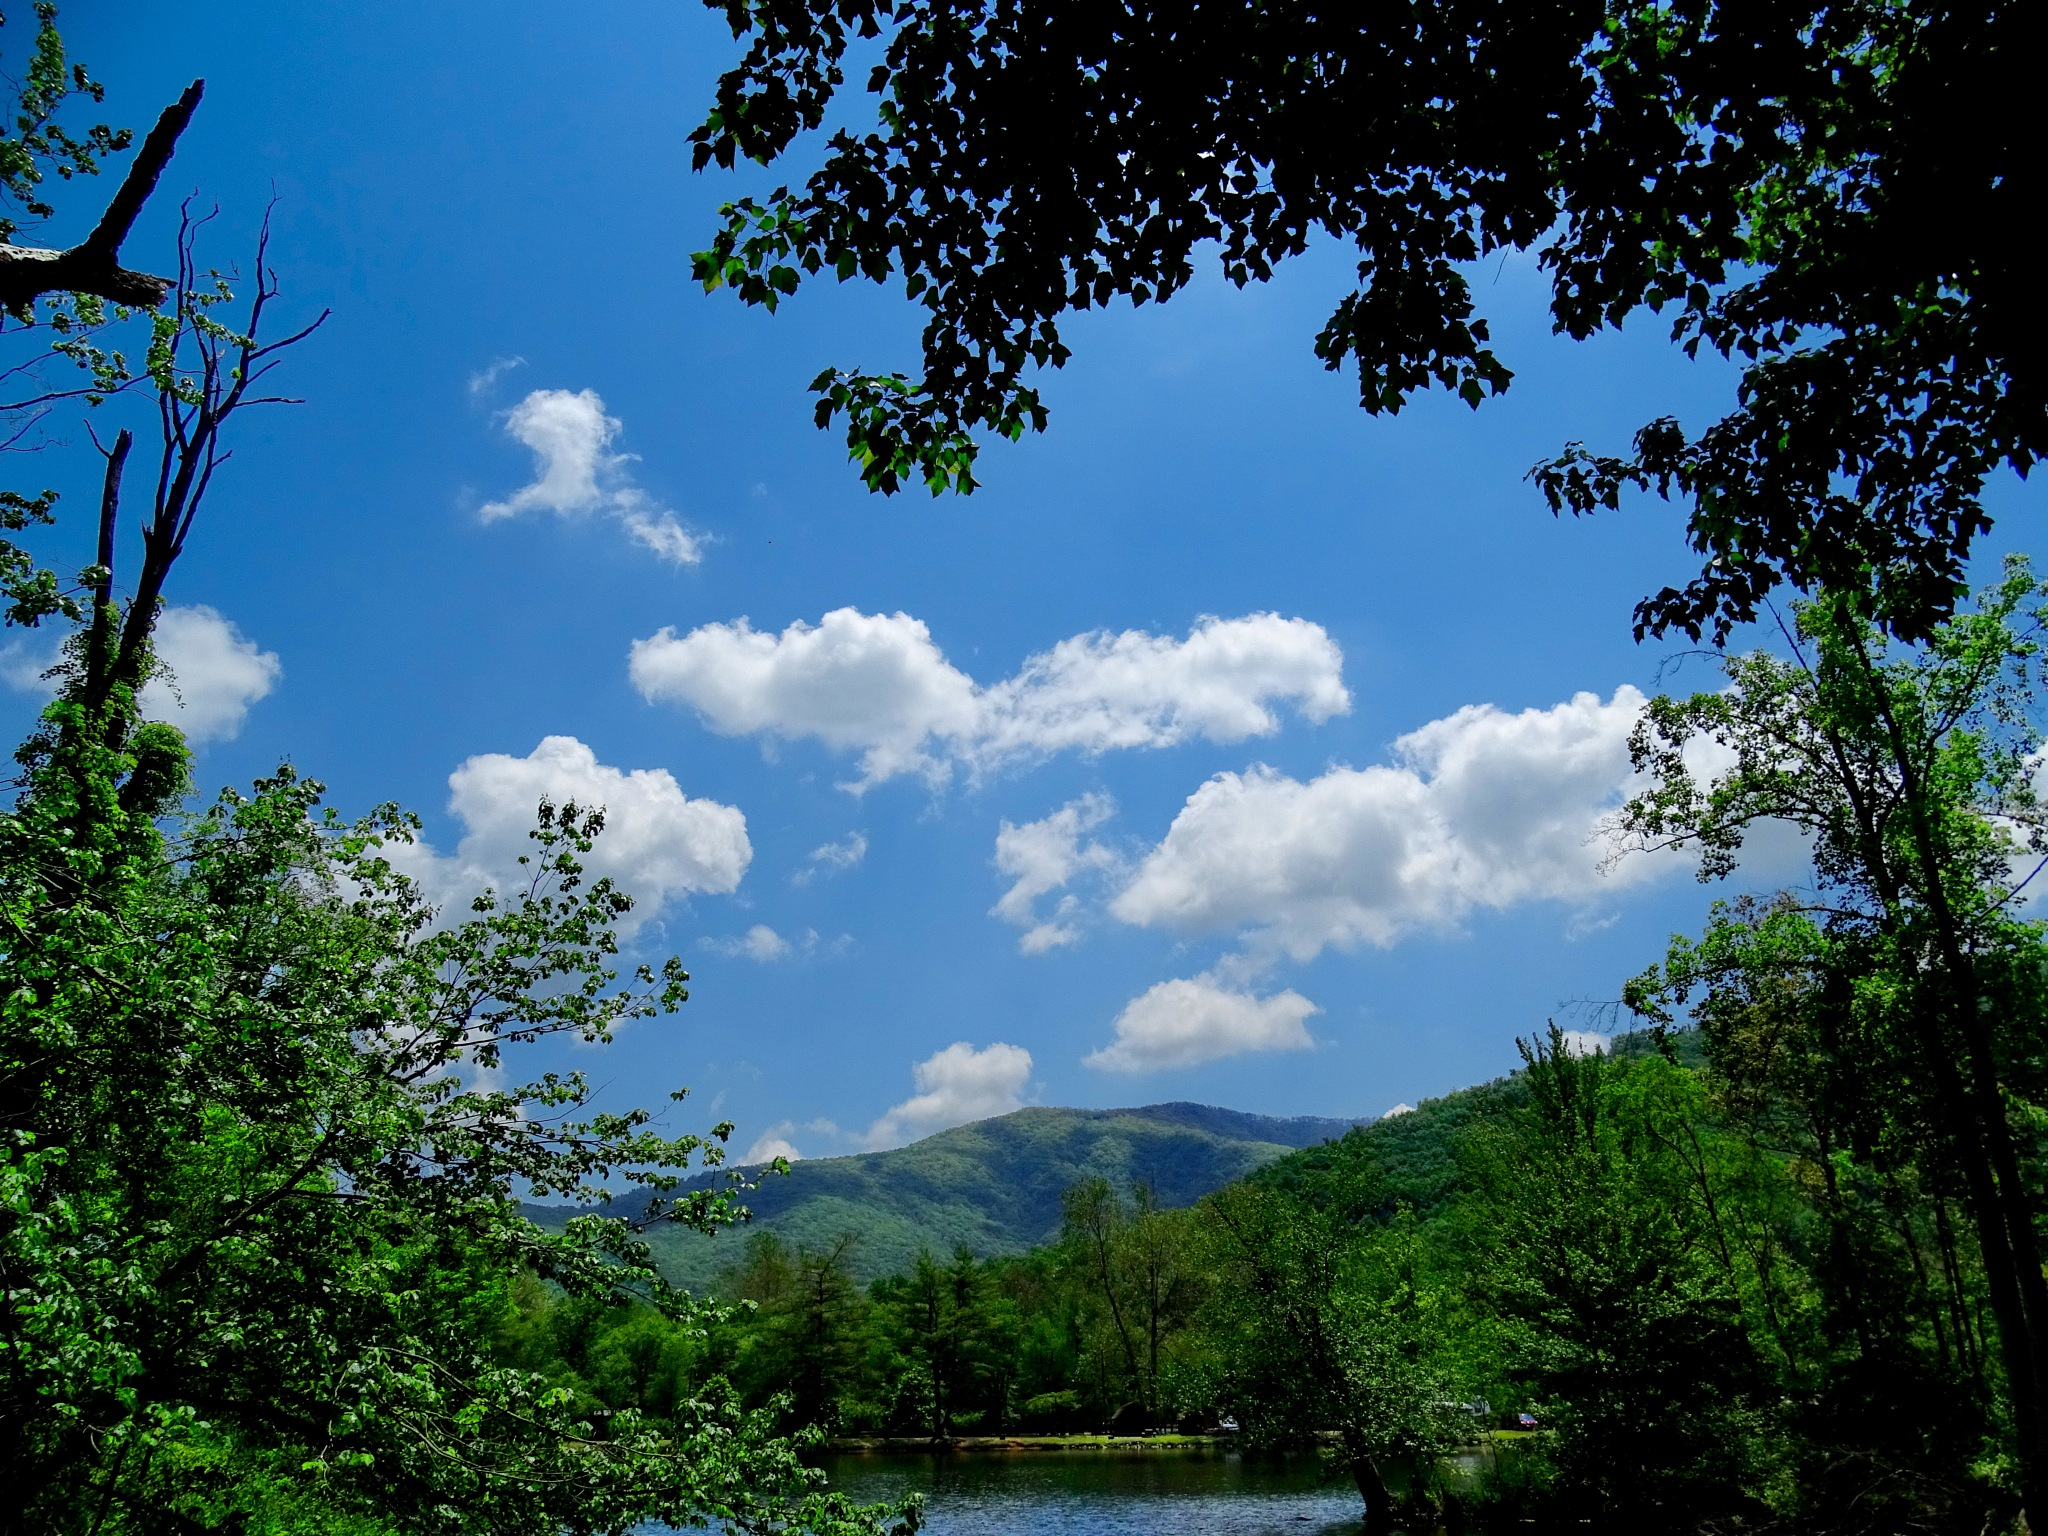 Asheville East KOA Campground North Carolina by Patty Stockton